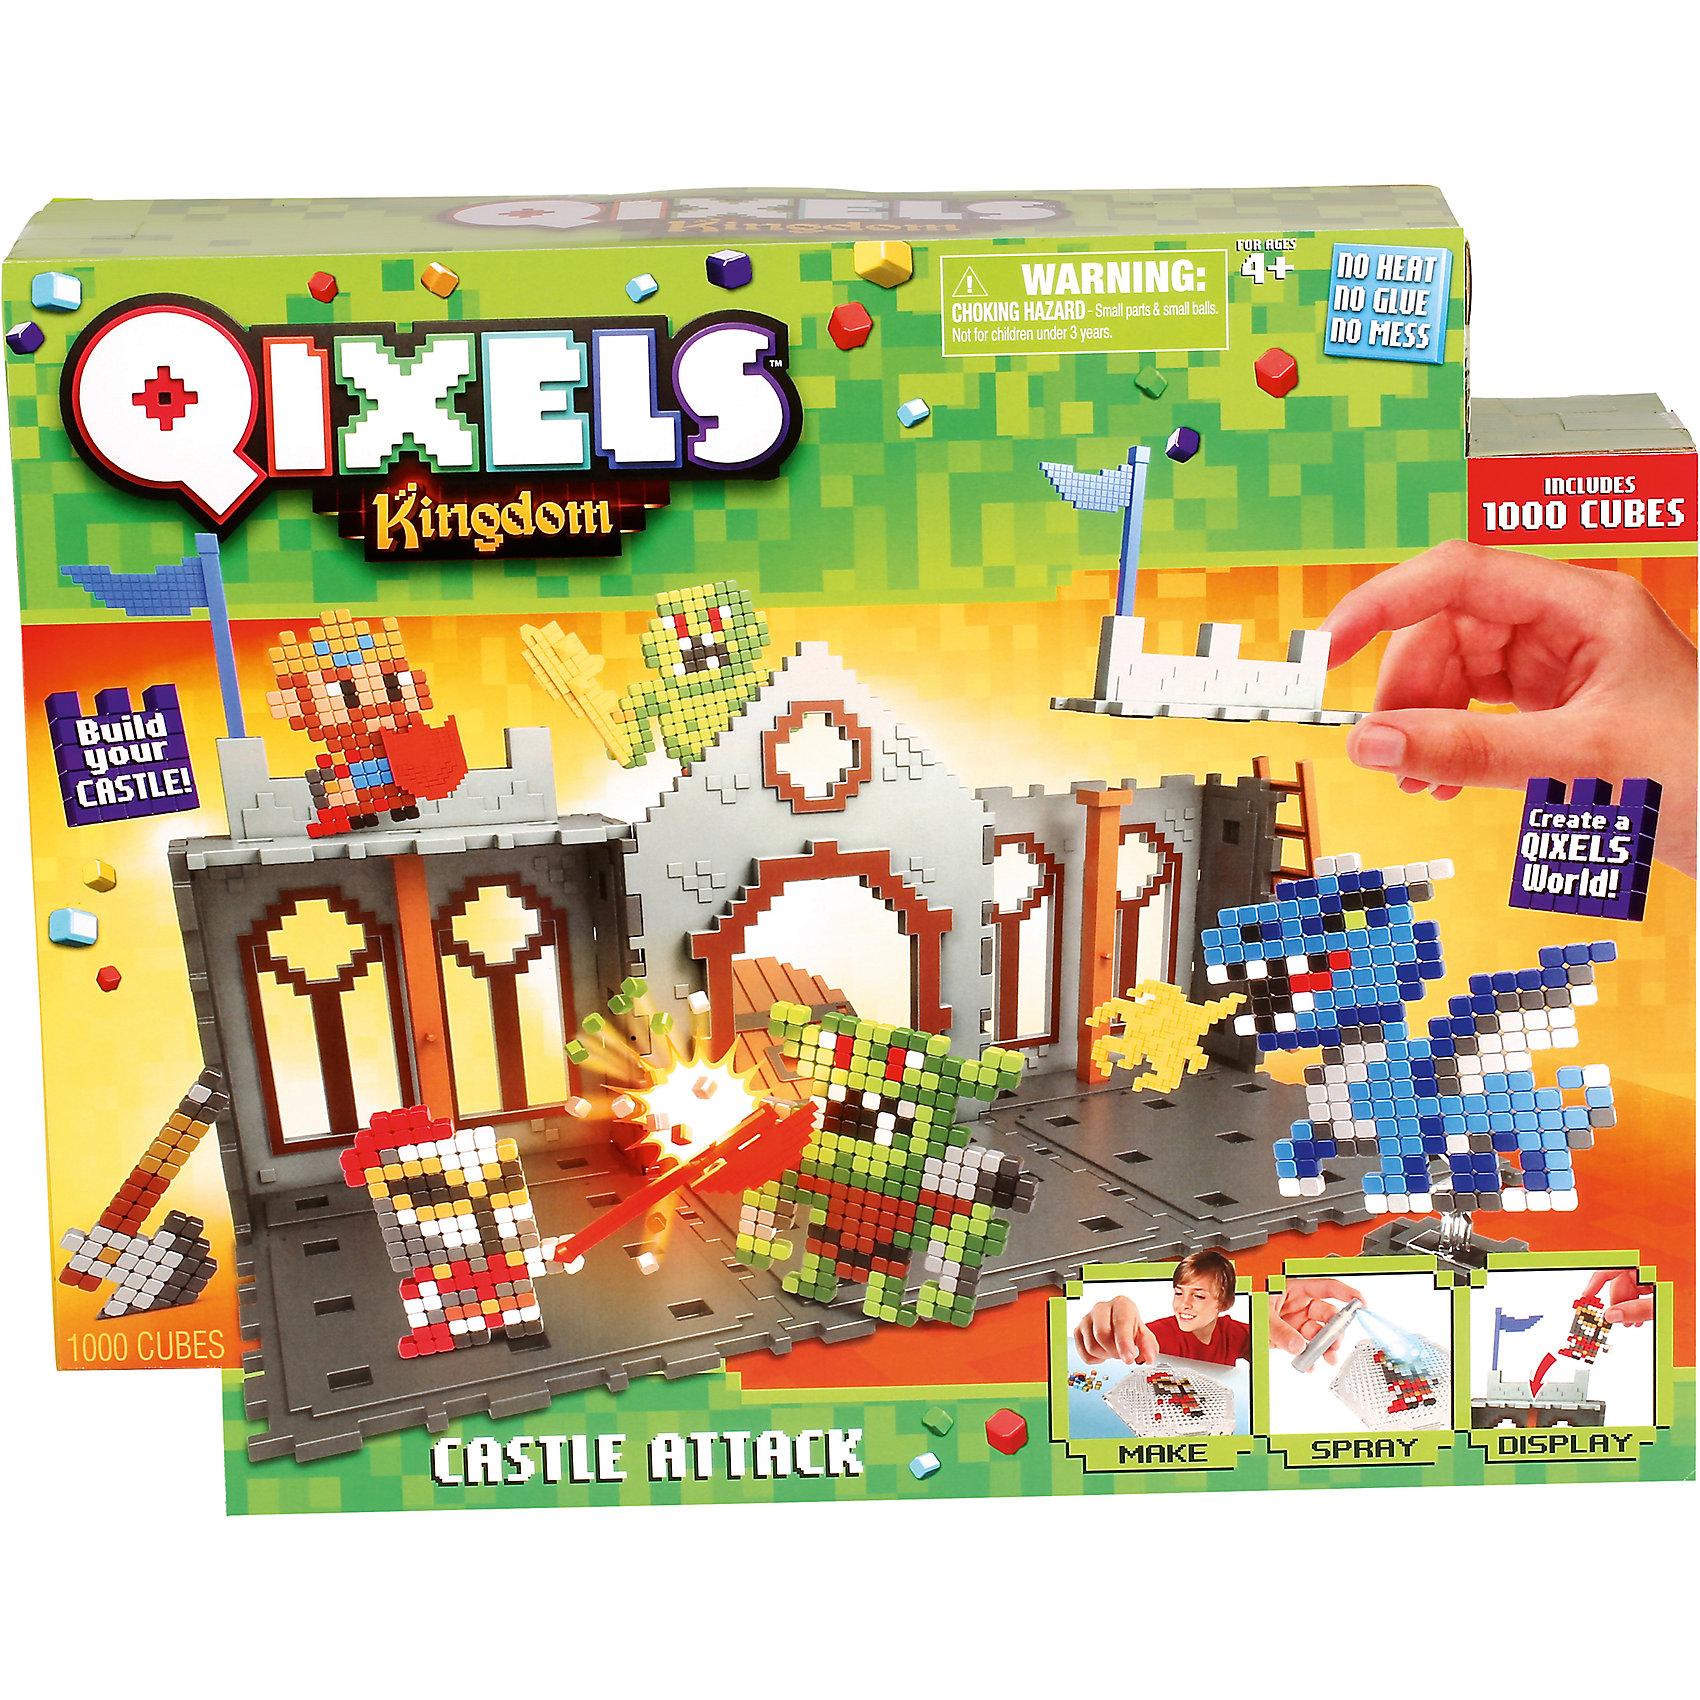 QIXELS Набор для творчества Королевство. Захват замка.Пластмассовые конструкторы<br>Qixels – кубики, которые скрепляются при помощи воды! Состав набора: 1000 кубиков, распылитель воды, 6 дизайн лекал, 2 дизайн лотка, 6 опор, 2 базы, 4 аксессуара, составные части для построения замка (пол, стены, колонны, дверь, башенки, флаги, лестница), емкость для кубиков и инструкция.<br><br>Ширина мм: 80<br>Глубина мм: 370<br>Высота мм: 290<br>Вес г: 1103<br>Возраст от месяцев: 60<br>Возраст до месяцев: 1188<br>Пол: Унисекс<br>Возраст: Детский<br>SKU: 6742244